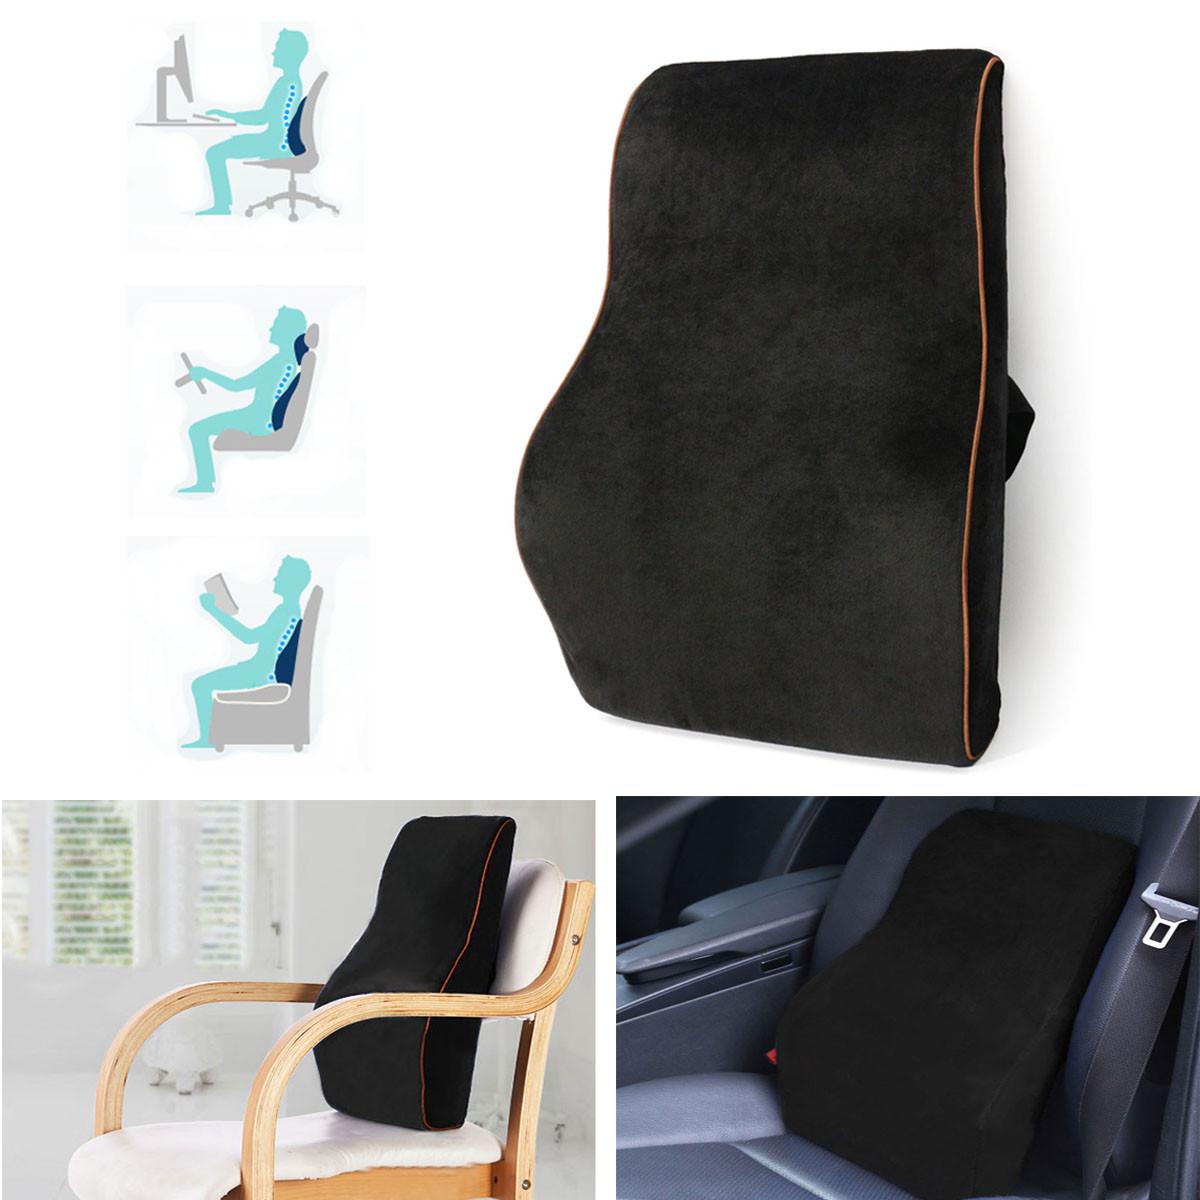 Cojin Lumbar Silla Oficina | Cojines Lumbares Lumbar Rolls Productos ...